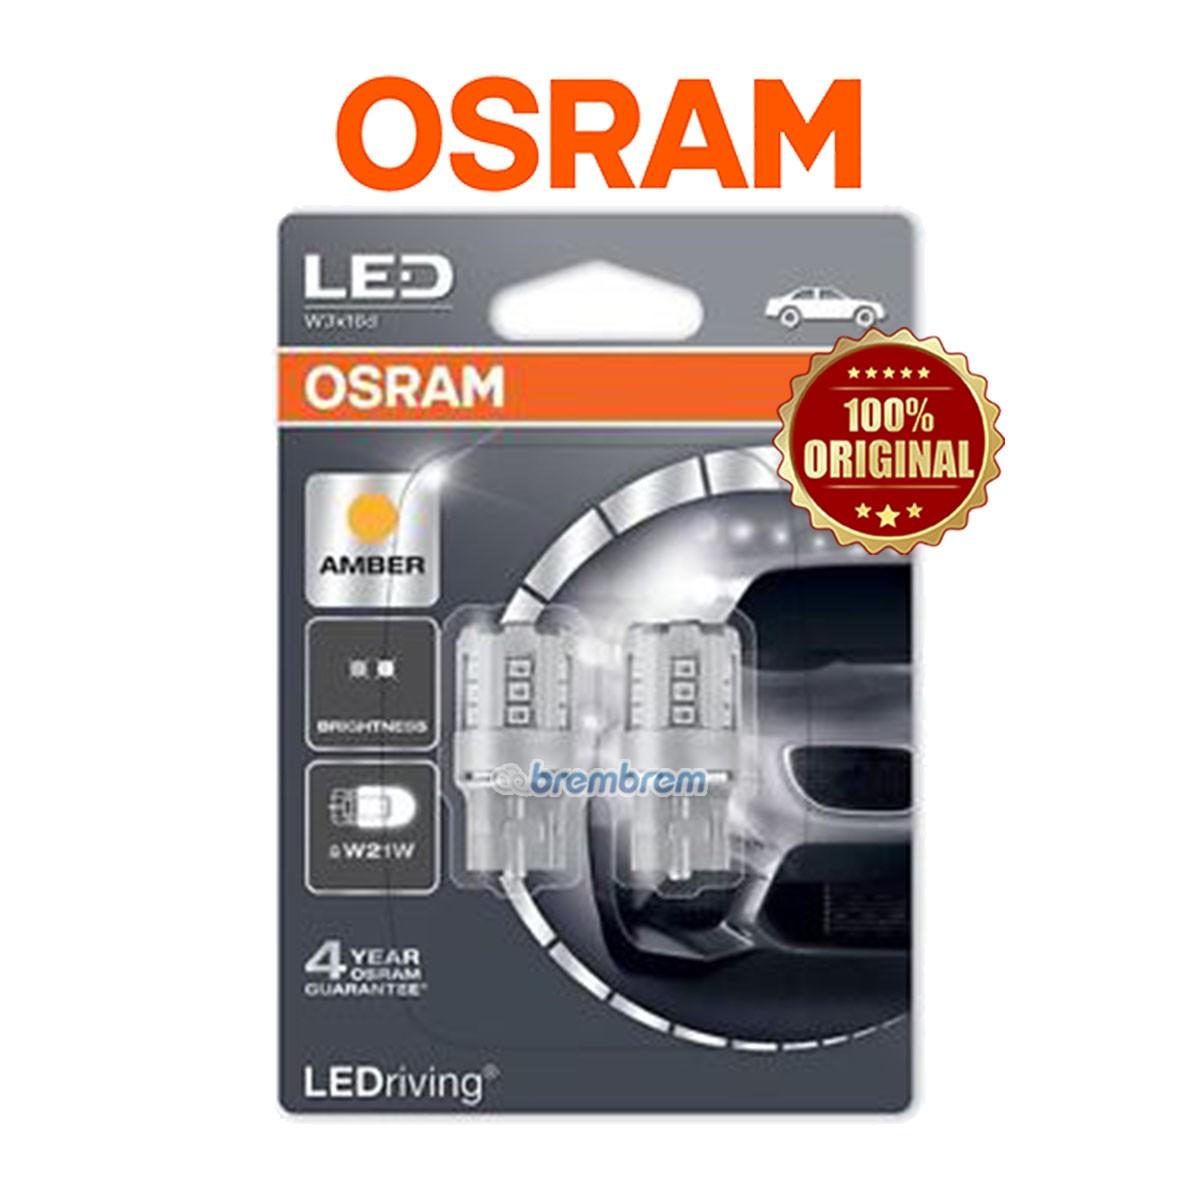 OSRAM RETROFIT 7705 YELLOW (W21W) - LAMPU SEIN TANCEP LED MOBIL